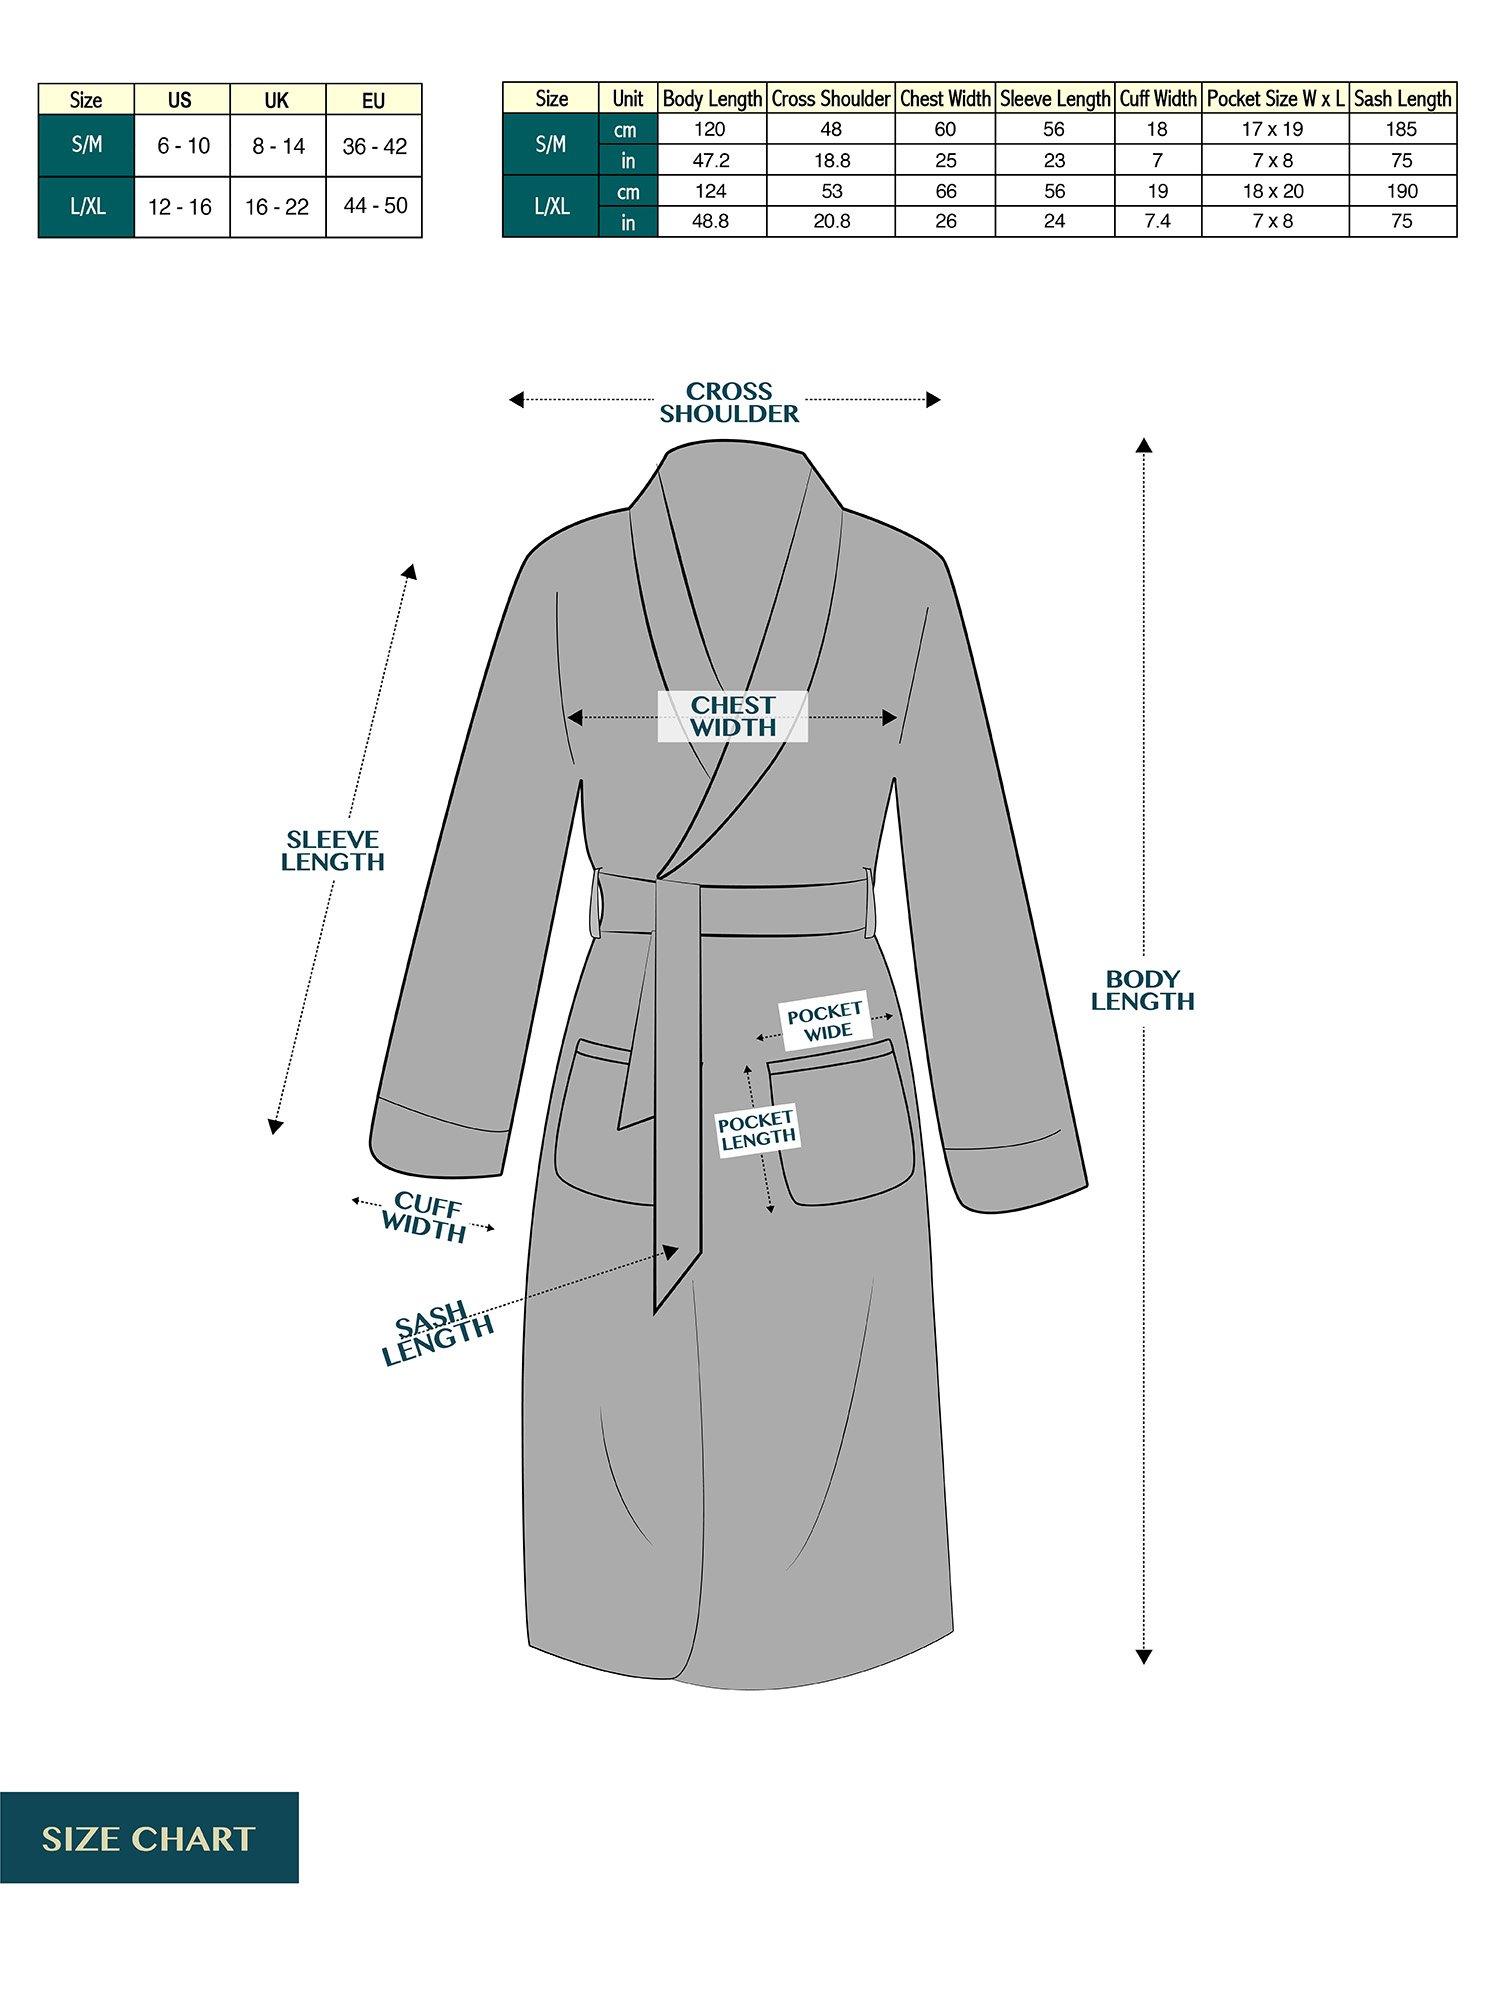 Deluxe Women Fleece Robe with Satin Trim | Luxurious Plush Spa Bathrobe Waffle Design by PAVILIA (Image #9)